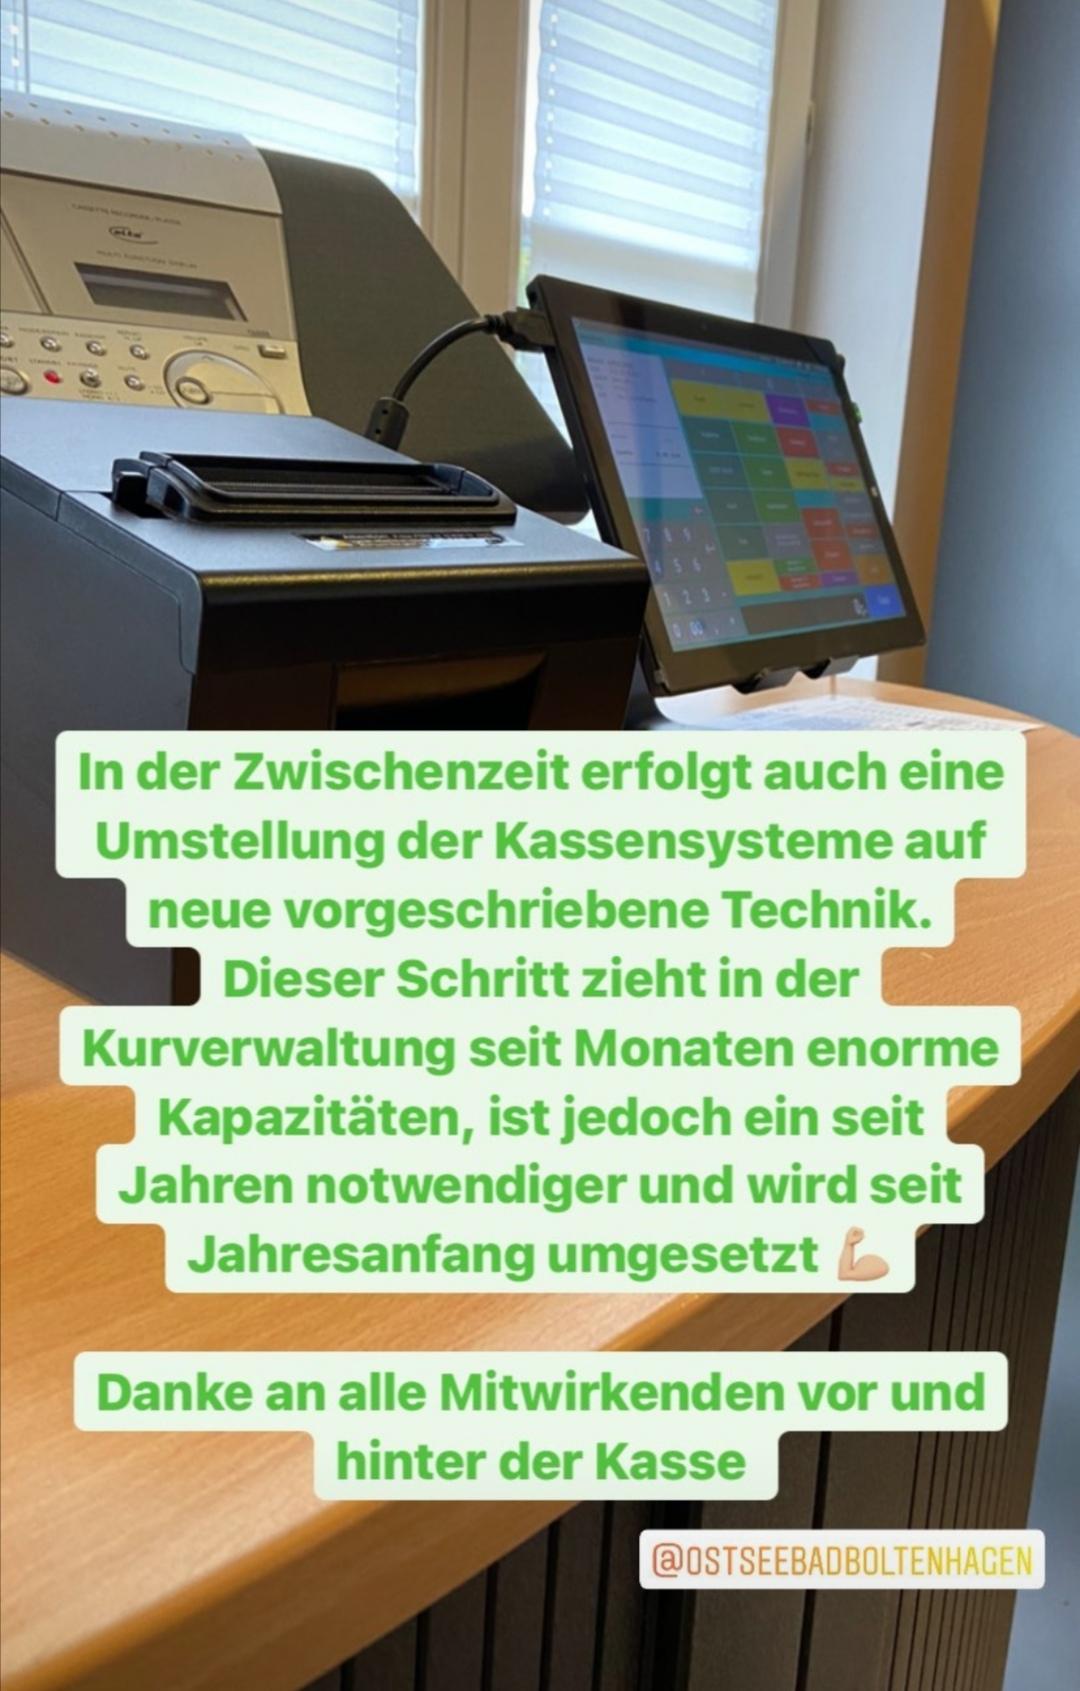 Umstellung in der Kurverwaltung auf ein neues, gesetzlich vorgeschriebenes Kassensystem.